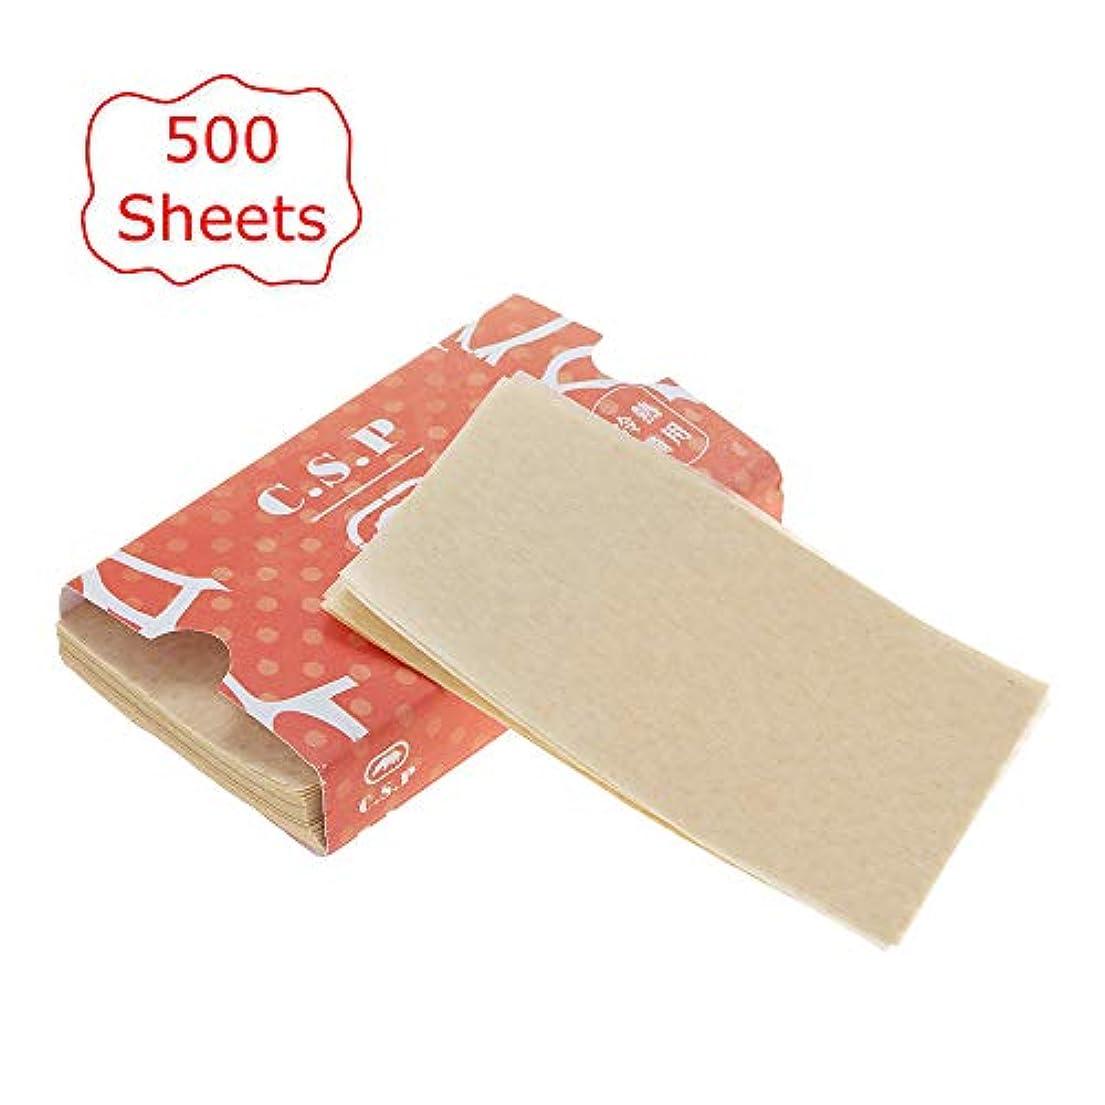 ポークブレイズ必要条件Decdeal 500枚 ヘアカラー紙 ヘアダイペーパー ヘアパーマツール 自宅 DIY